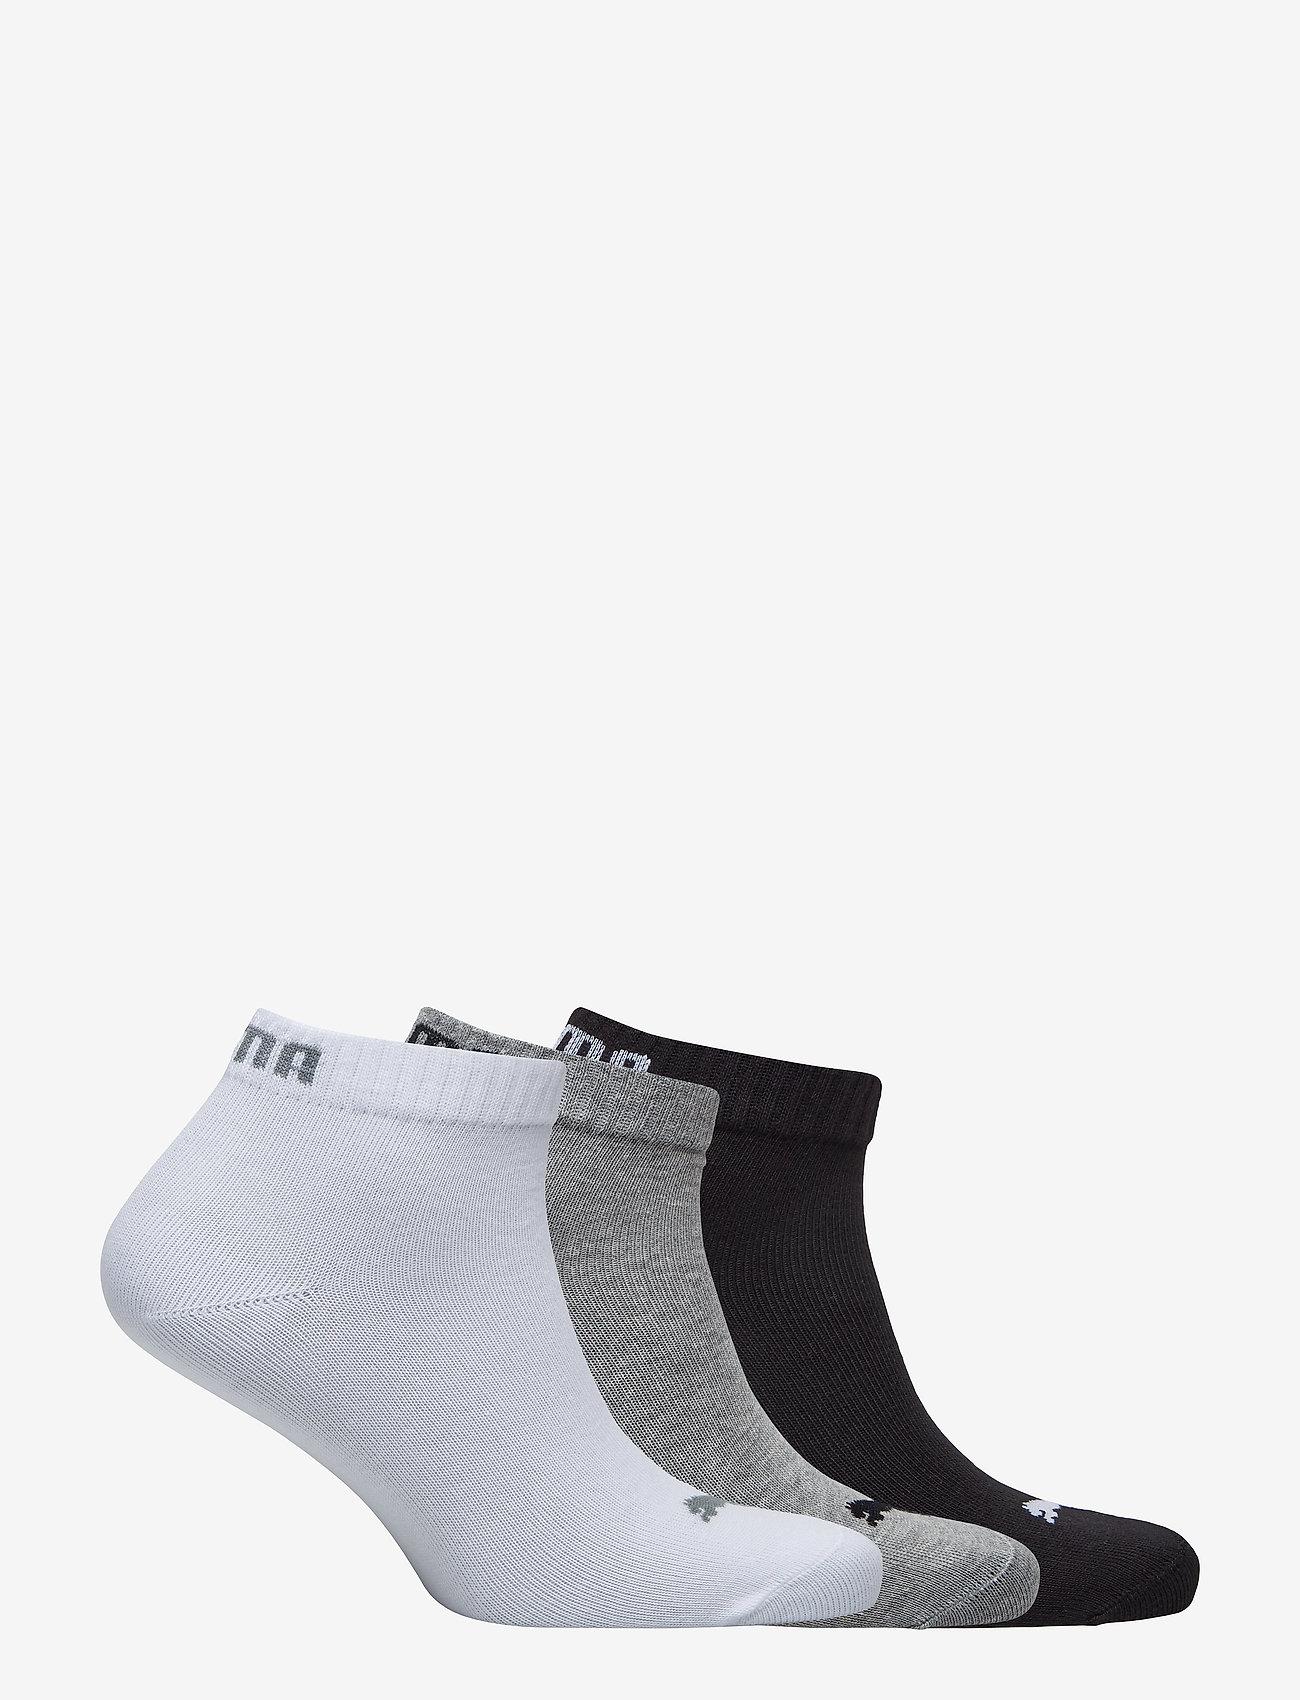 PUMA - PUMA UNISEX QUARTER PLAIN 3P - kousen - grey/white/black - 1